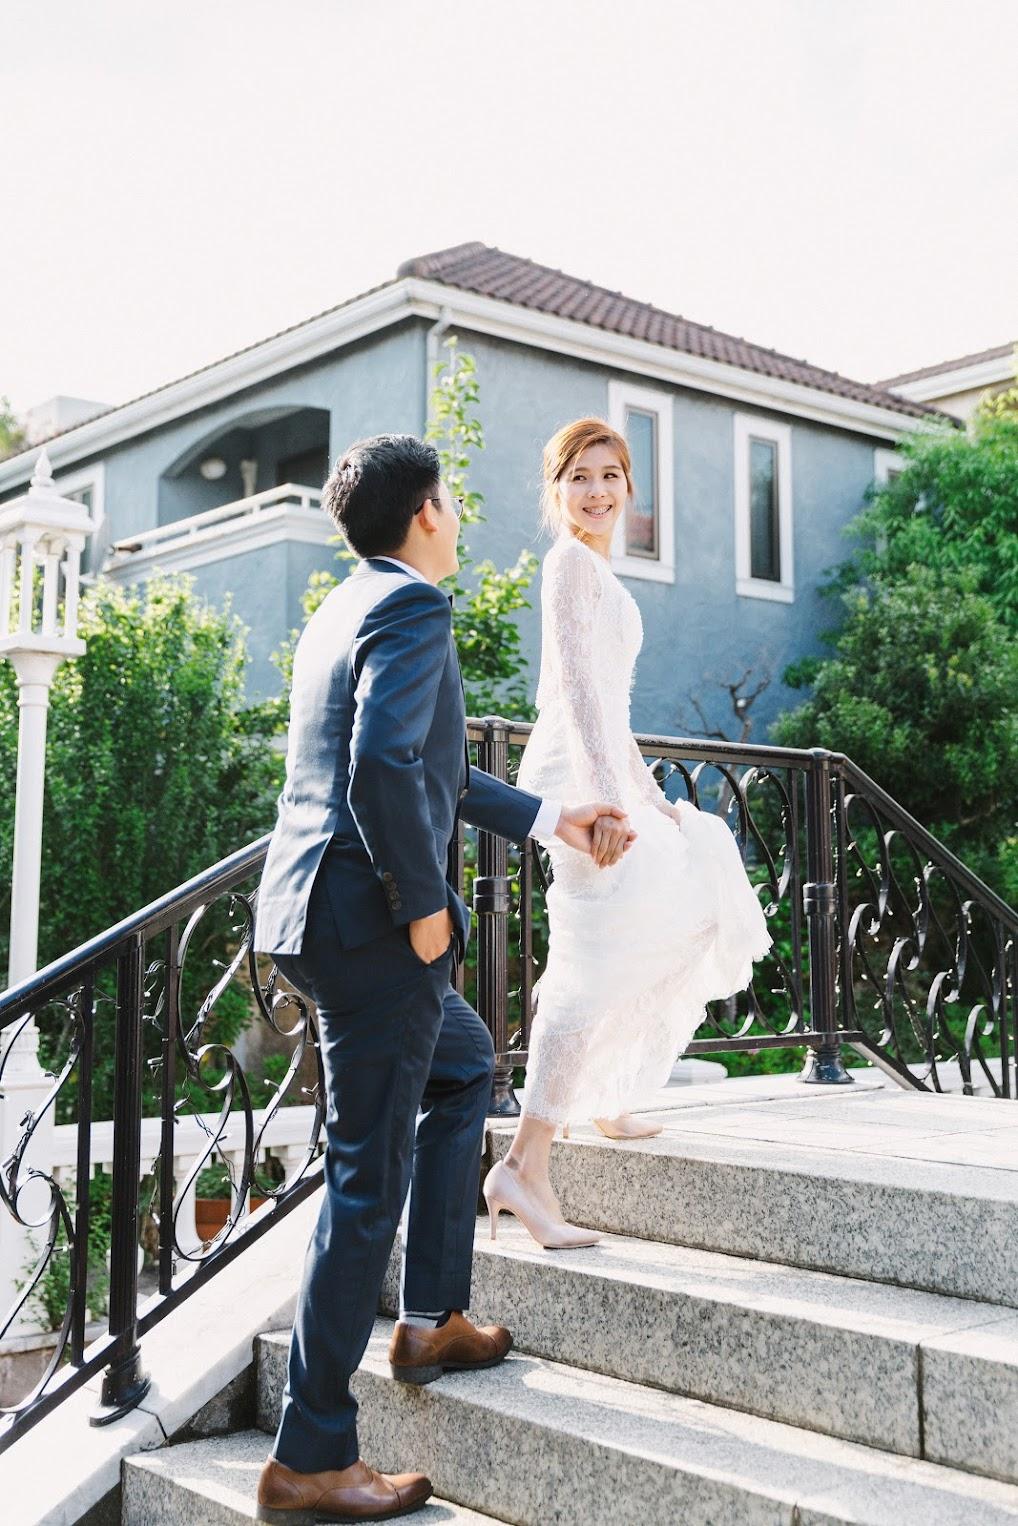 AG婚紗,海外婚紗,日本東京婚紗,自助婚紗,生活感婚紗,AG攝影美學